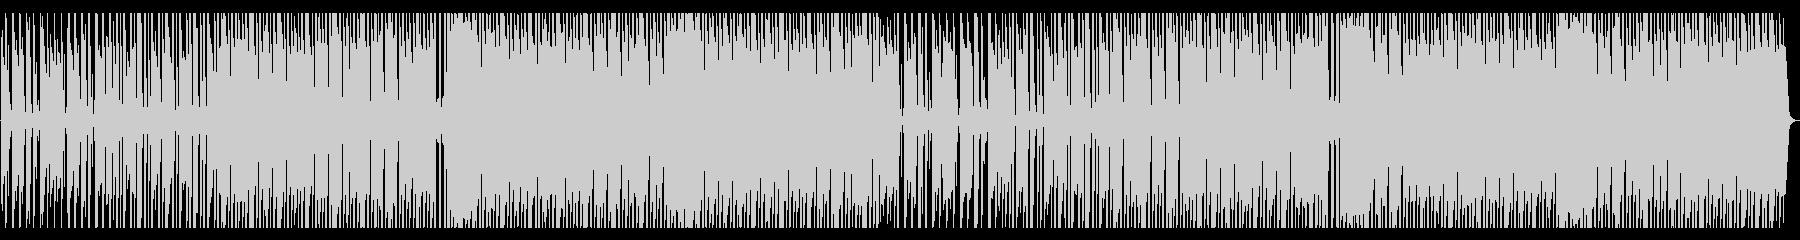 パーカッシブなレトロウェーブの未再生の波形